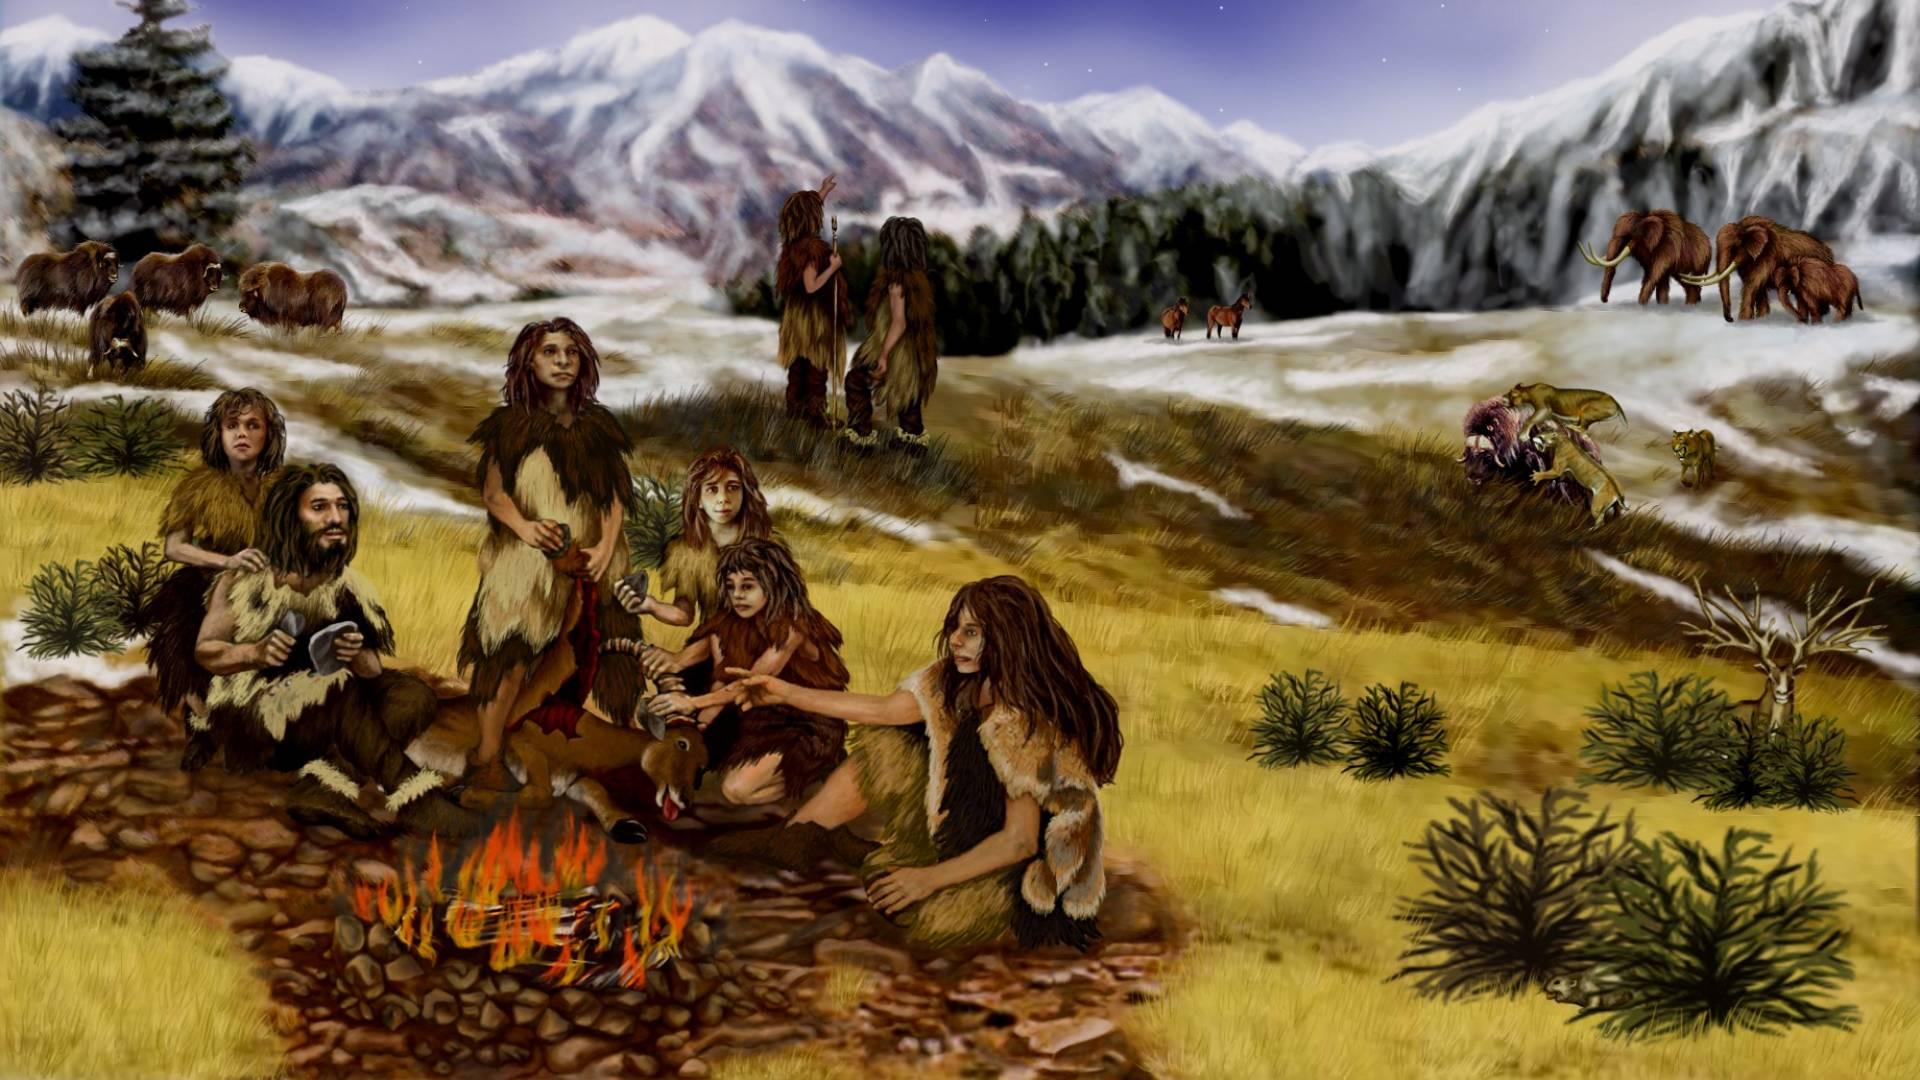 Der Neandertaler ist nicht des Menschen nächster Verwandter